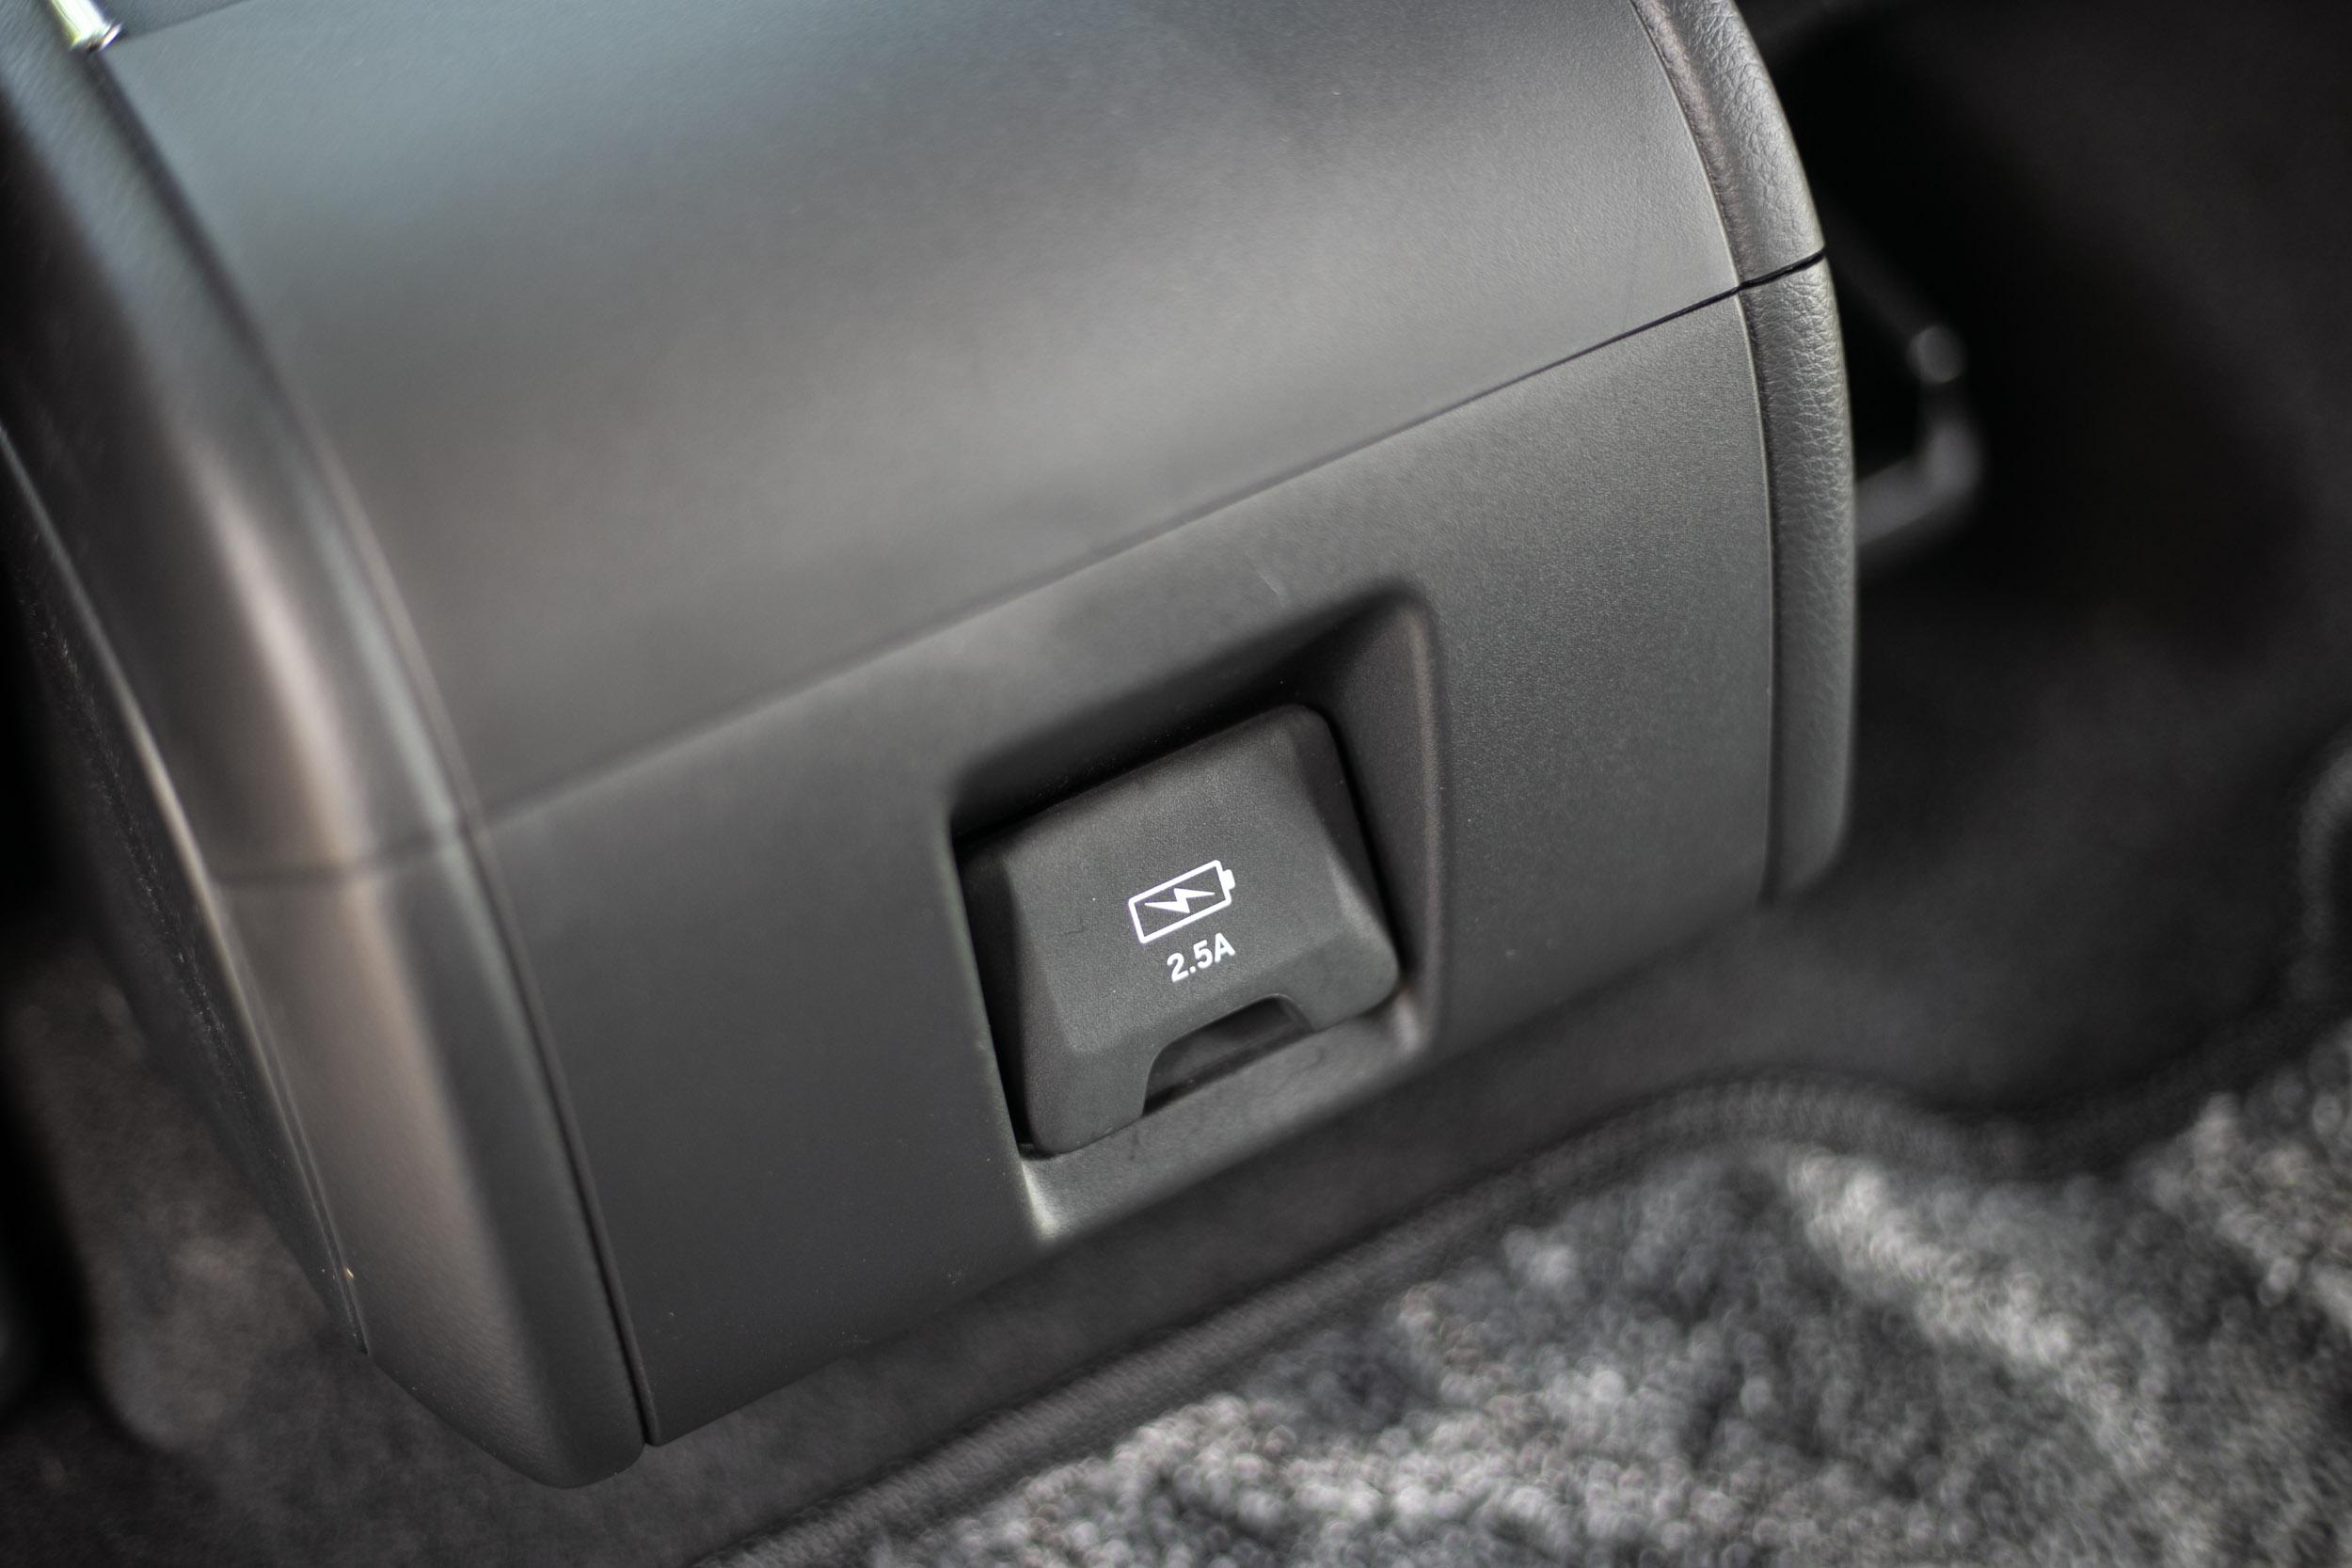 中央扶手後側另有兩個 USB 充電座。